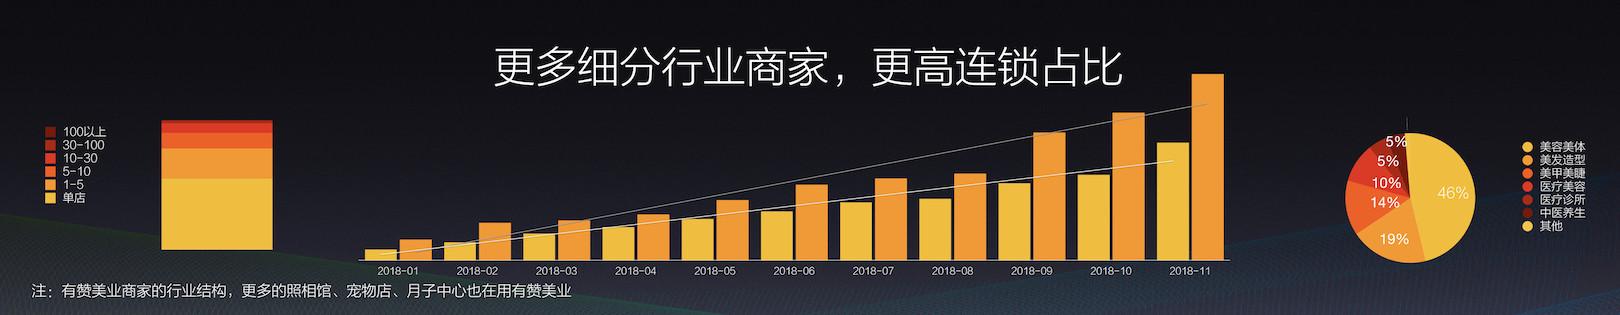 20181127 有赞六周年 - 公开版.146.jpeg